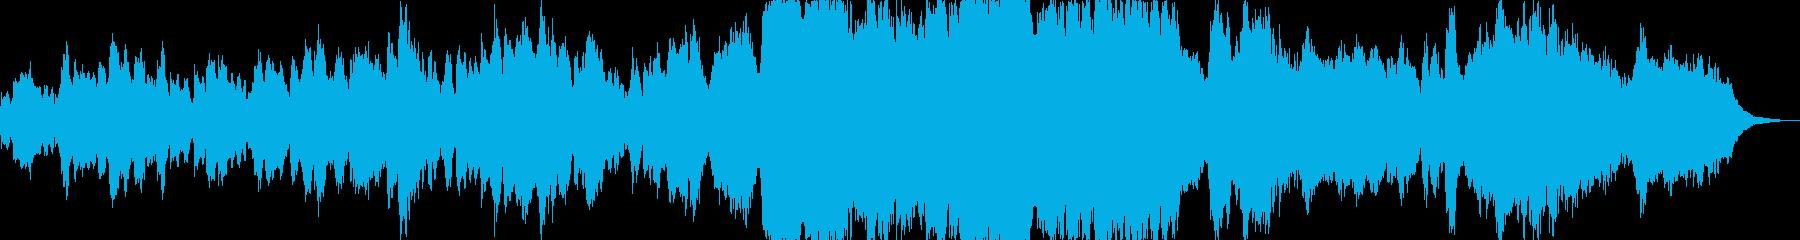 懐かしい感じのオーケストラ風BGMの再生済みの波形